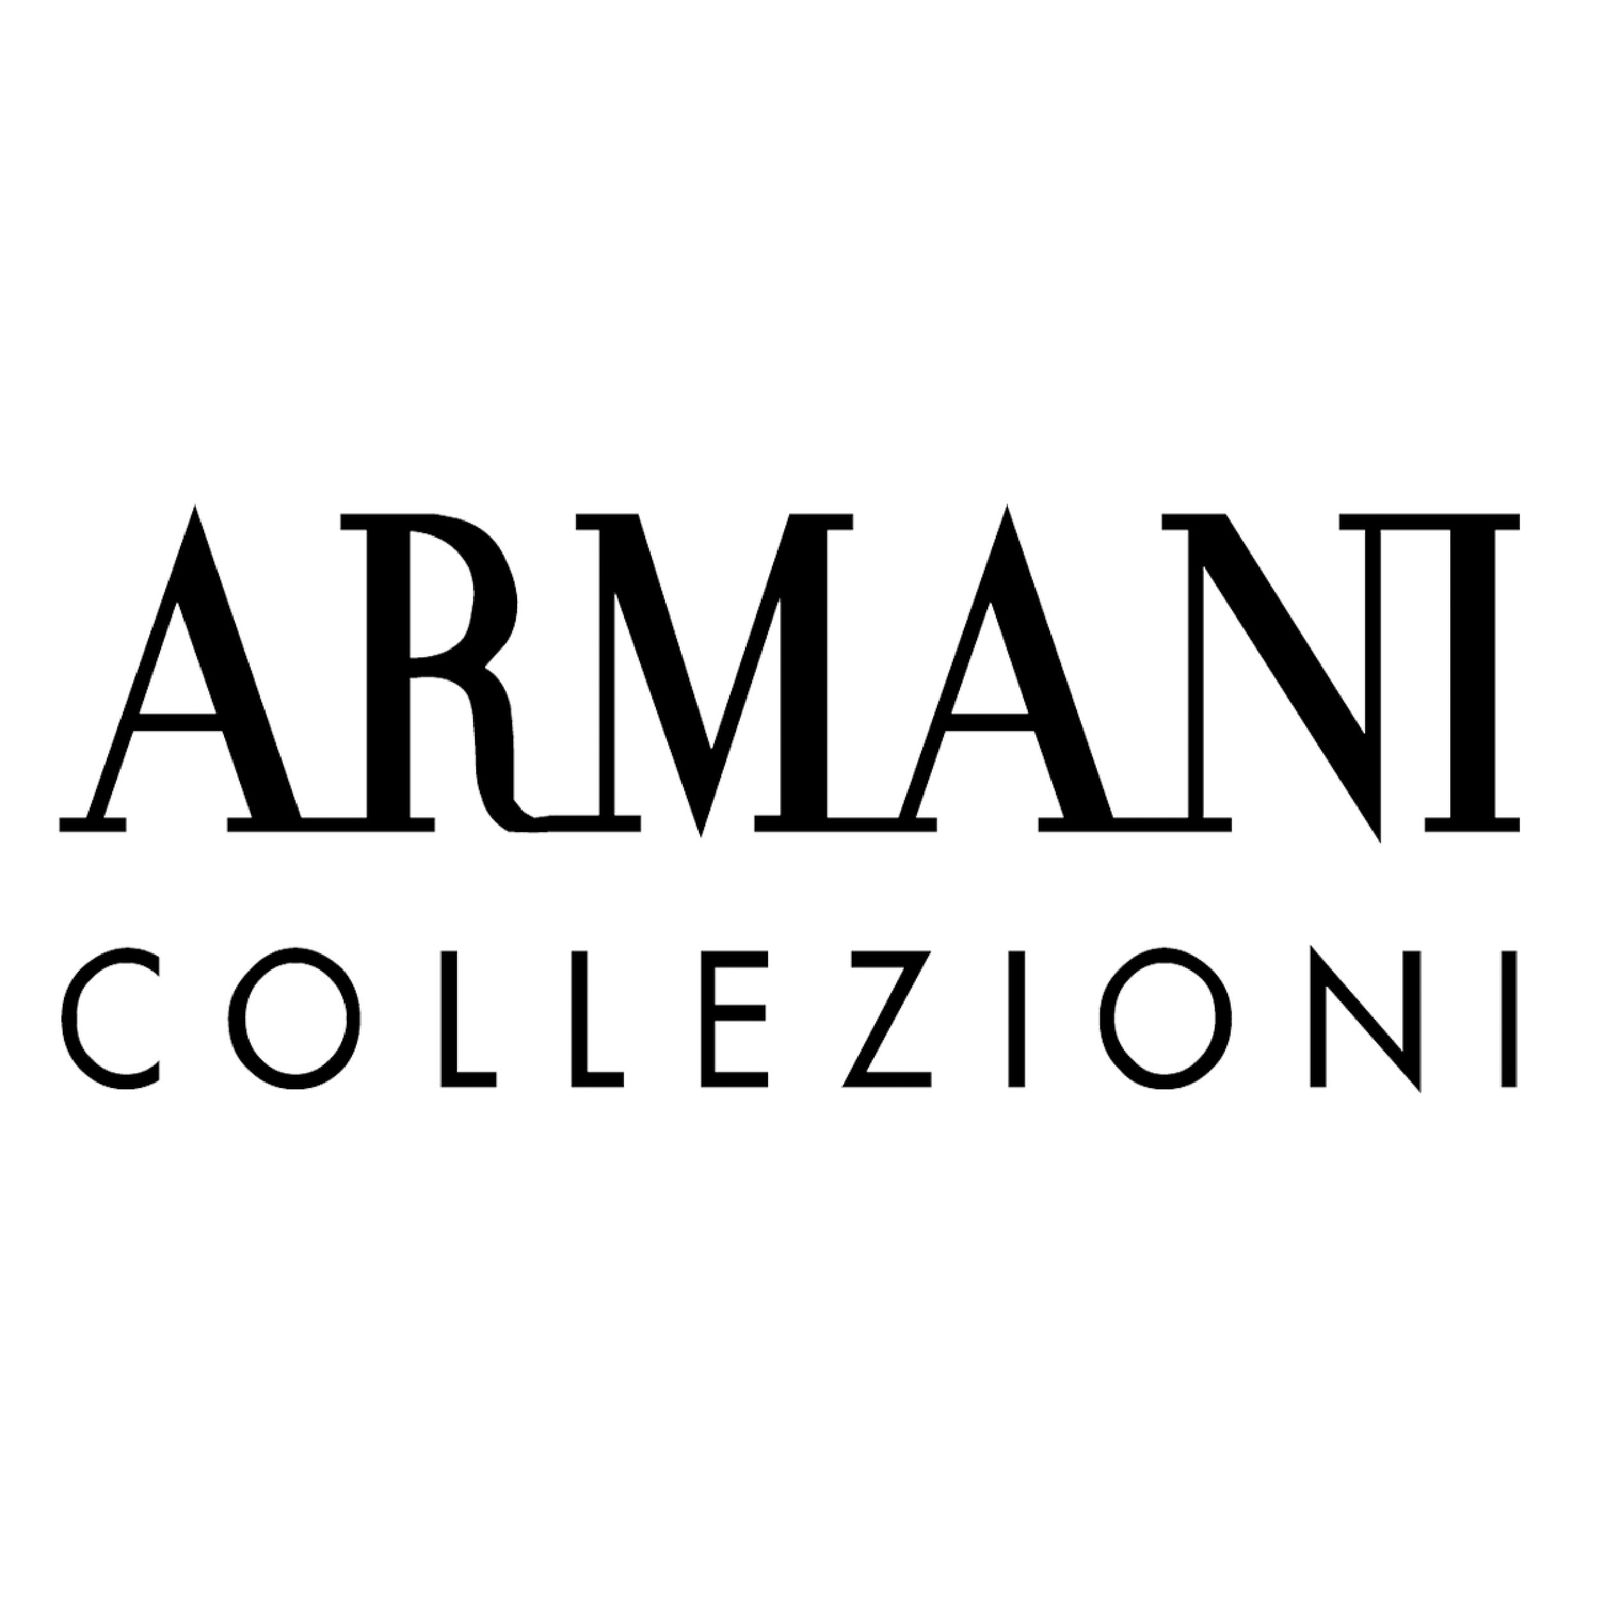 ARMANI COLLEZIONI (Image 1)